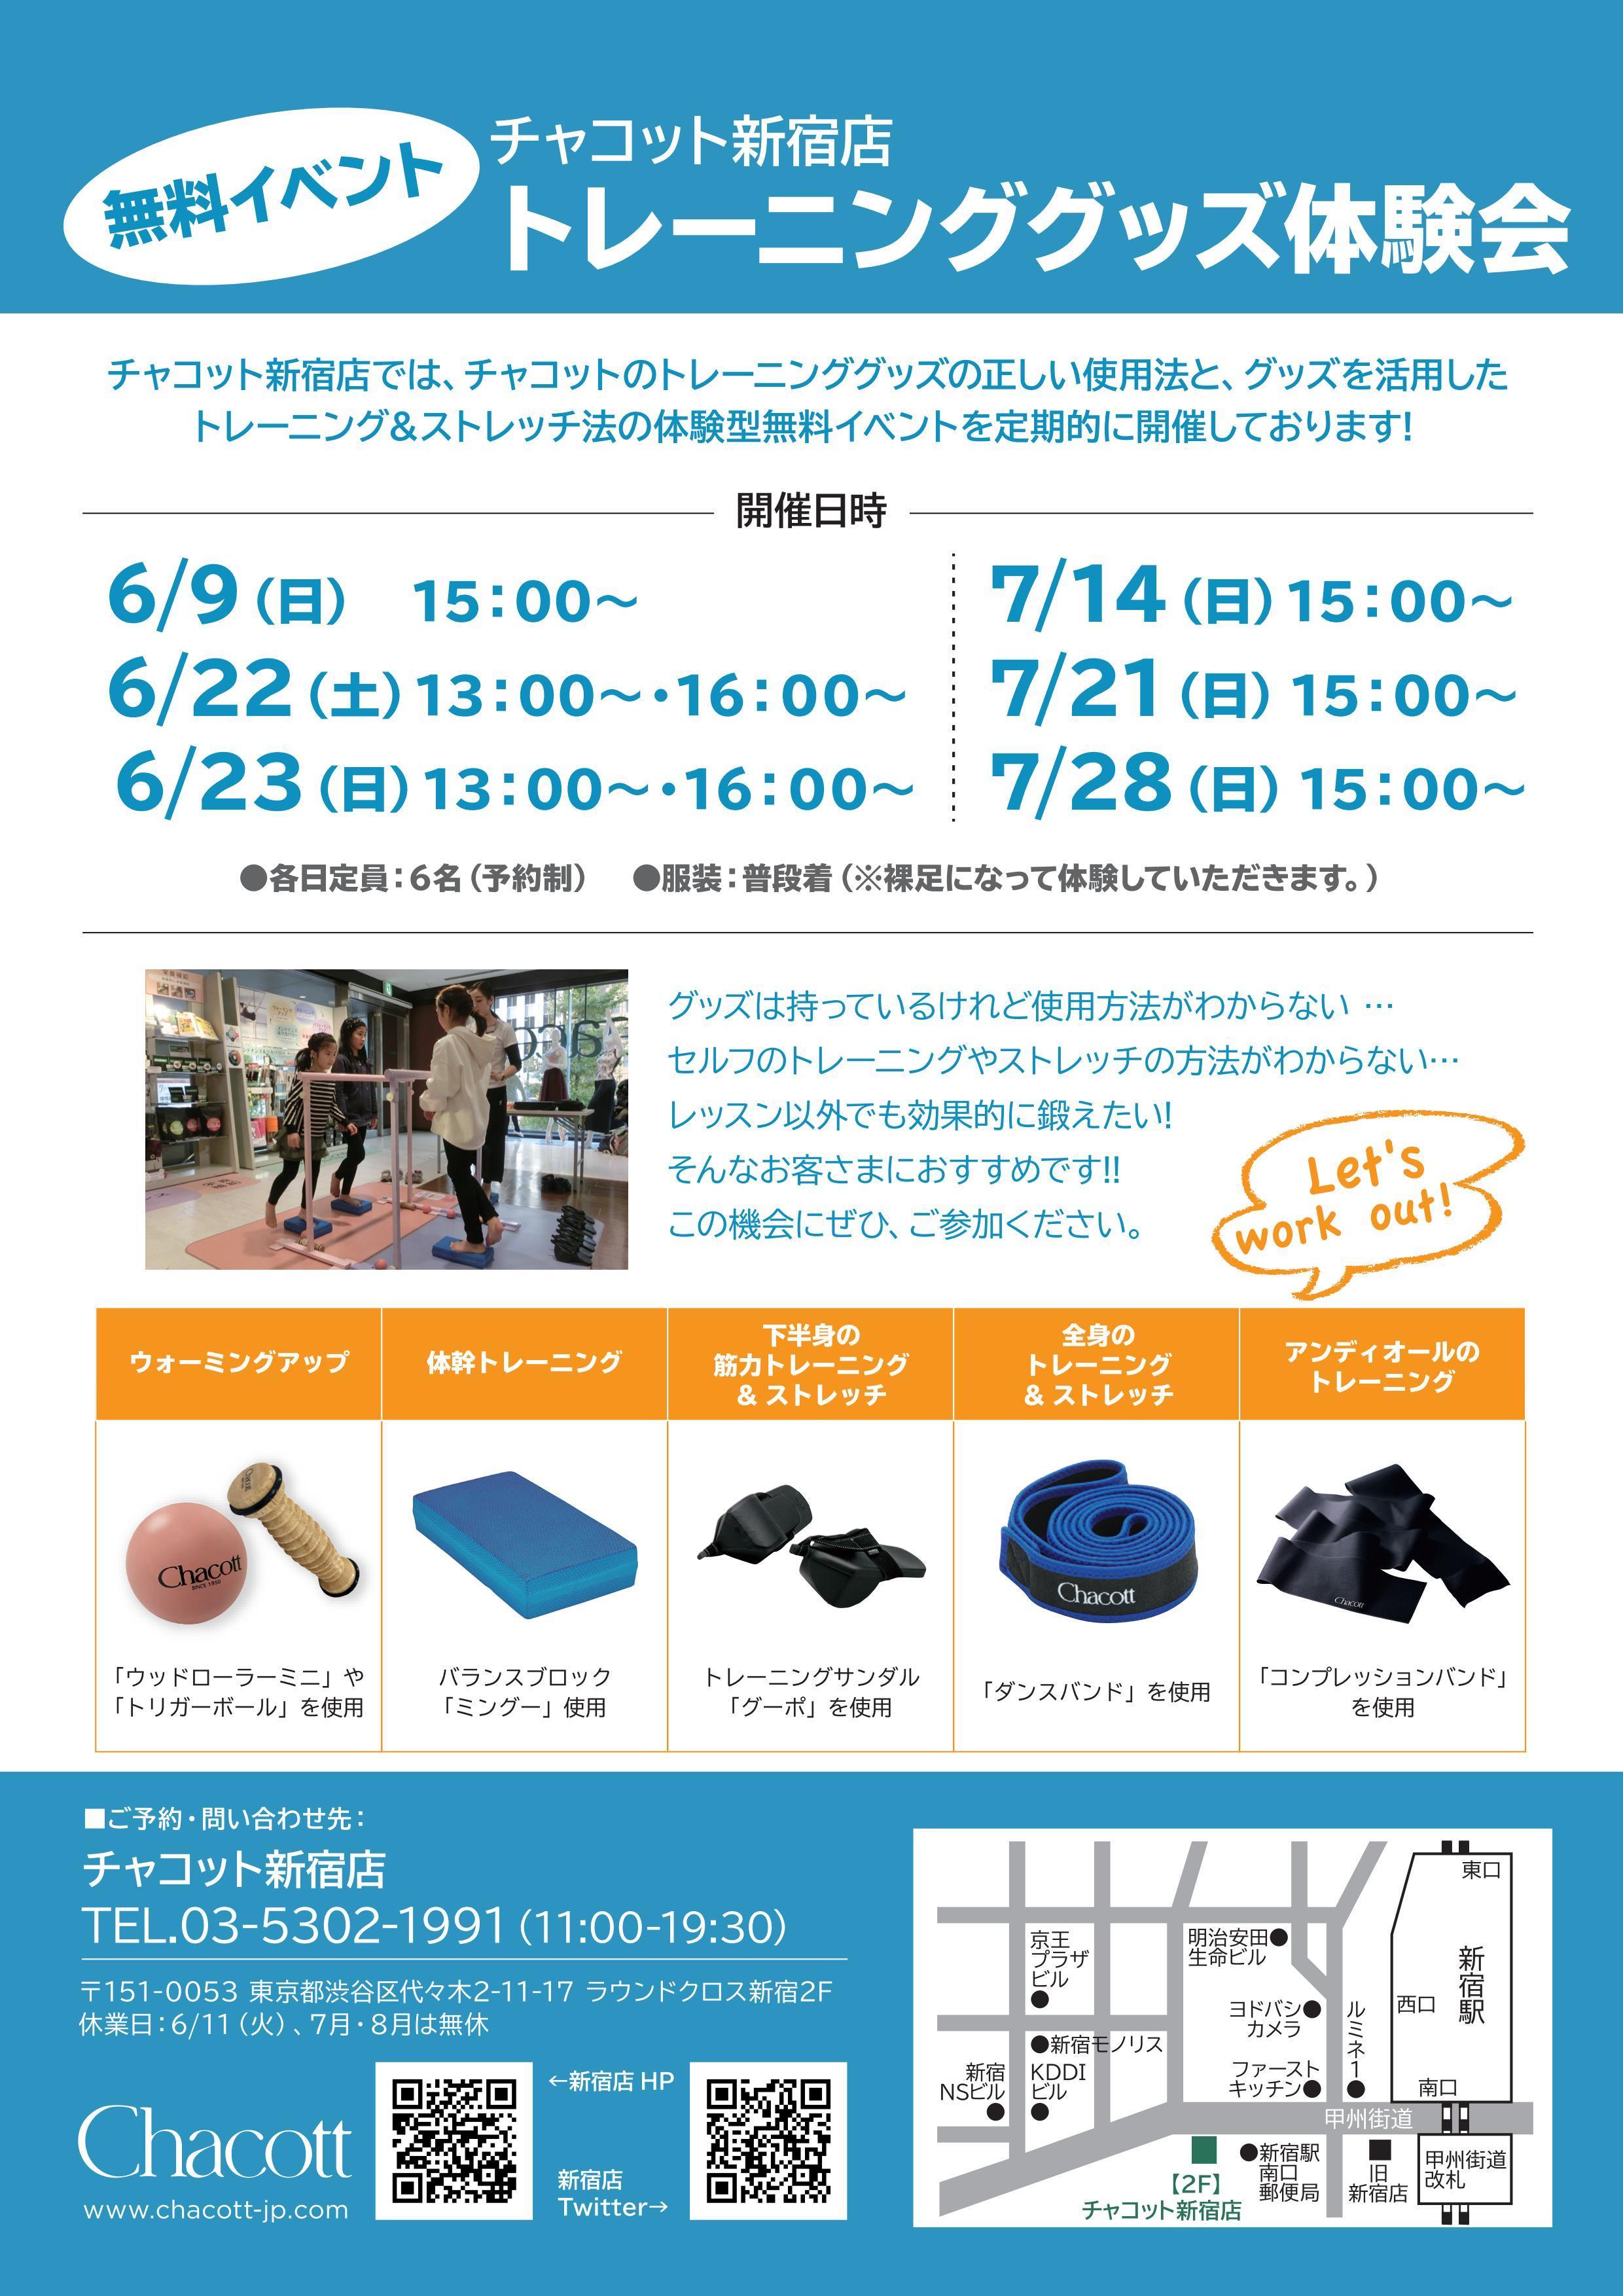 トレーニンググッズ無料体験会を開催いたします!!!